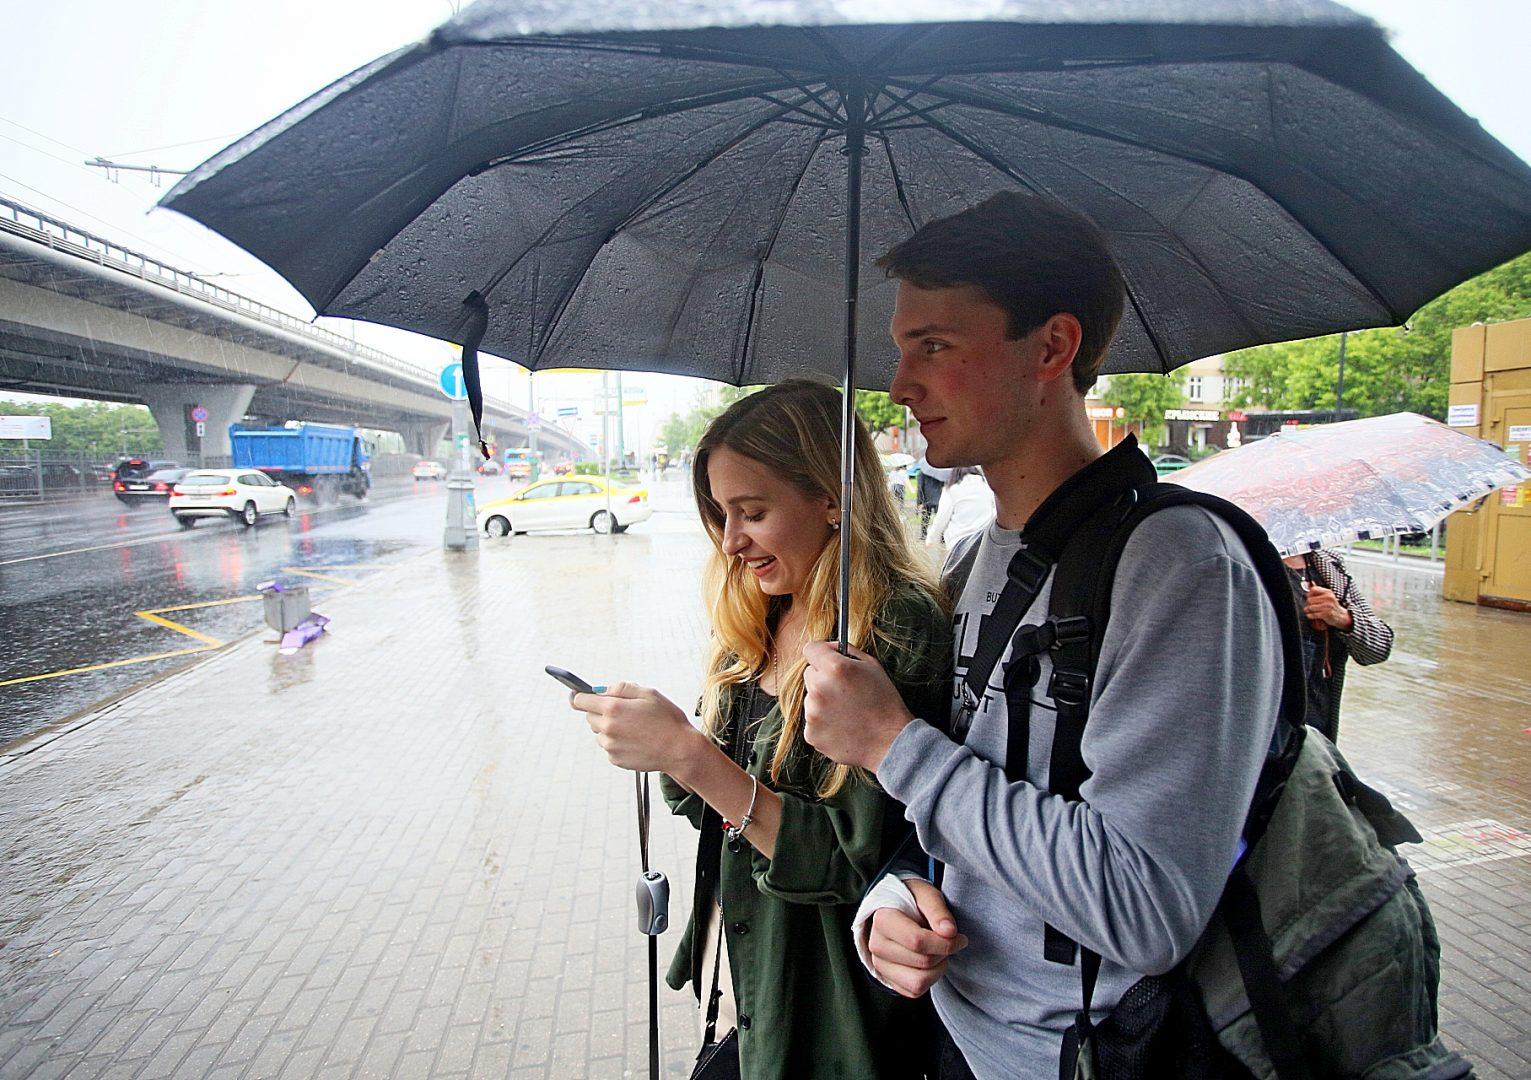 Облачная погода ожидает москвичей 10 июня.Фото: архив, «Вечерняя Москва»